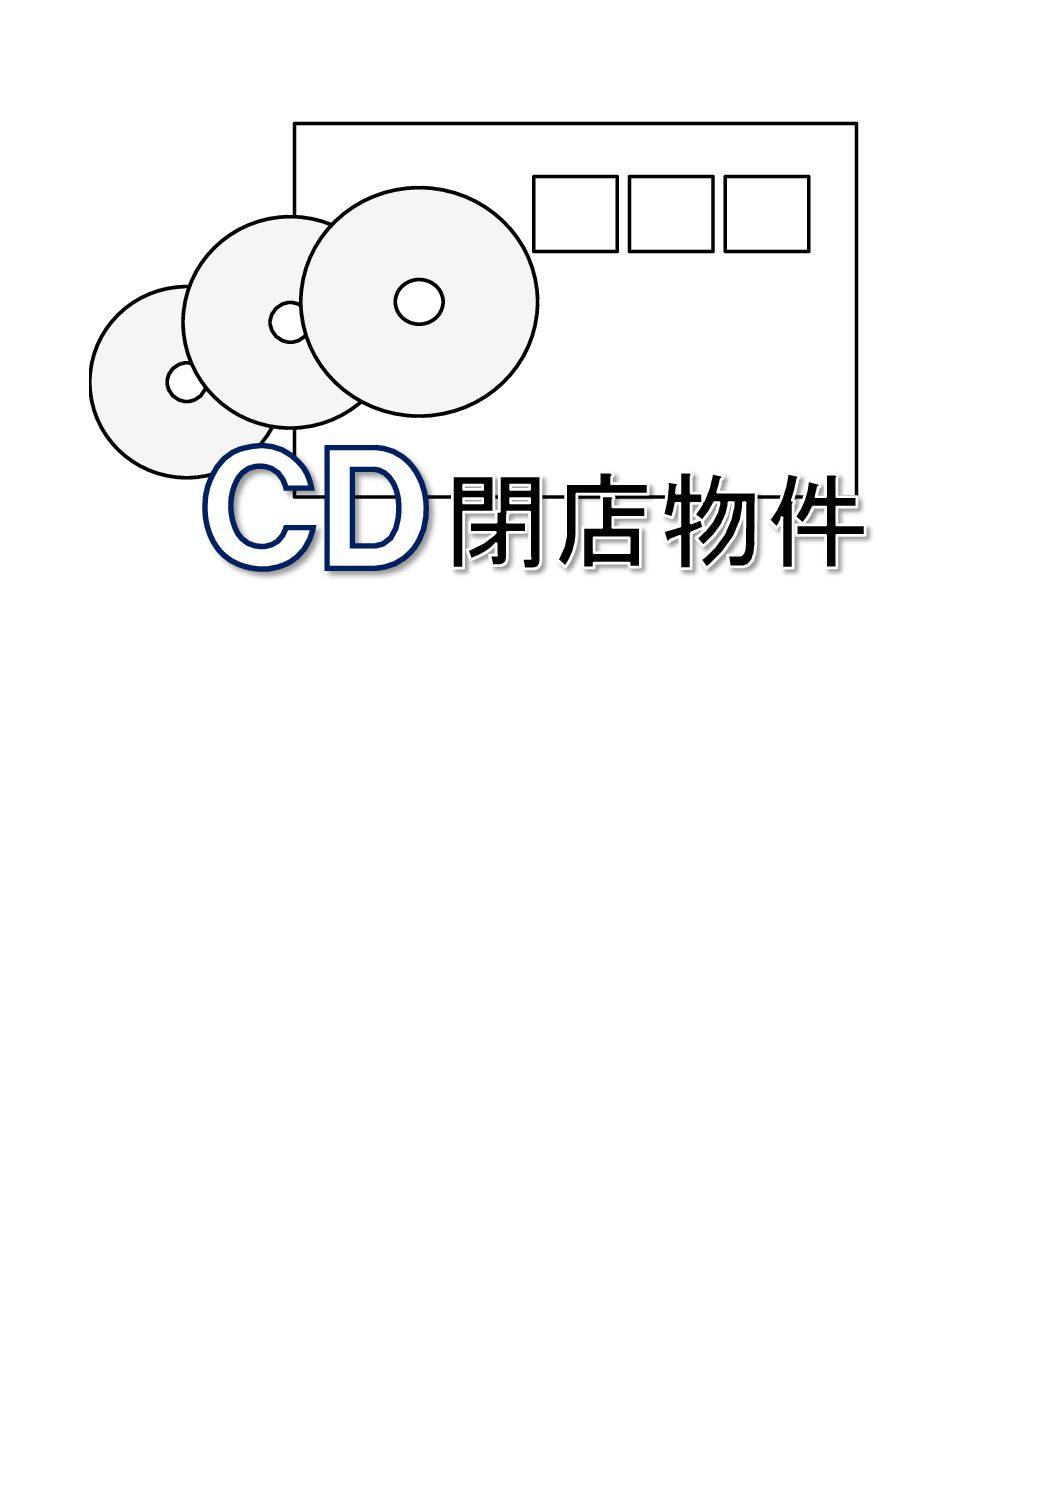 【NEW】閉店物件 レンタル用中古CD 【c-13-9-2】